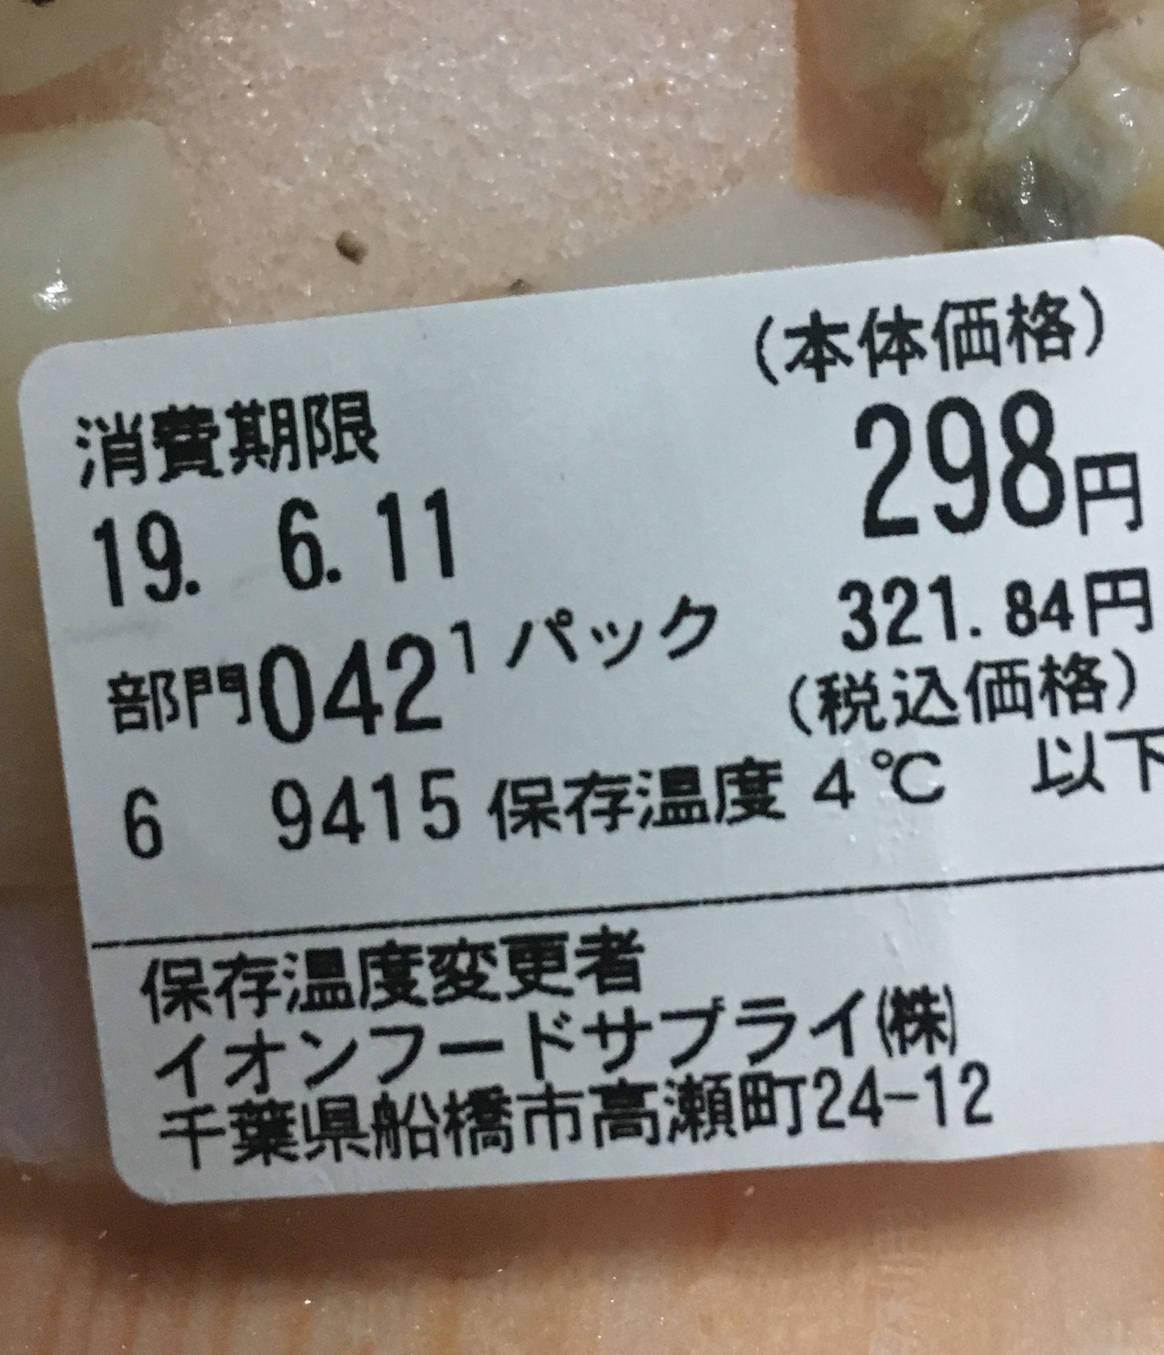 価格表記:ねぎ塩焼きシーフードミックス|まいばすけっと